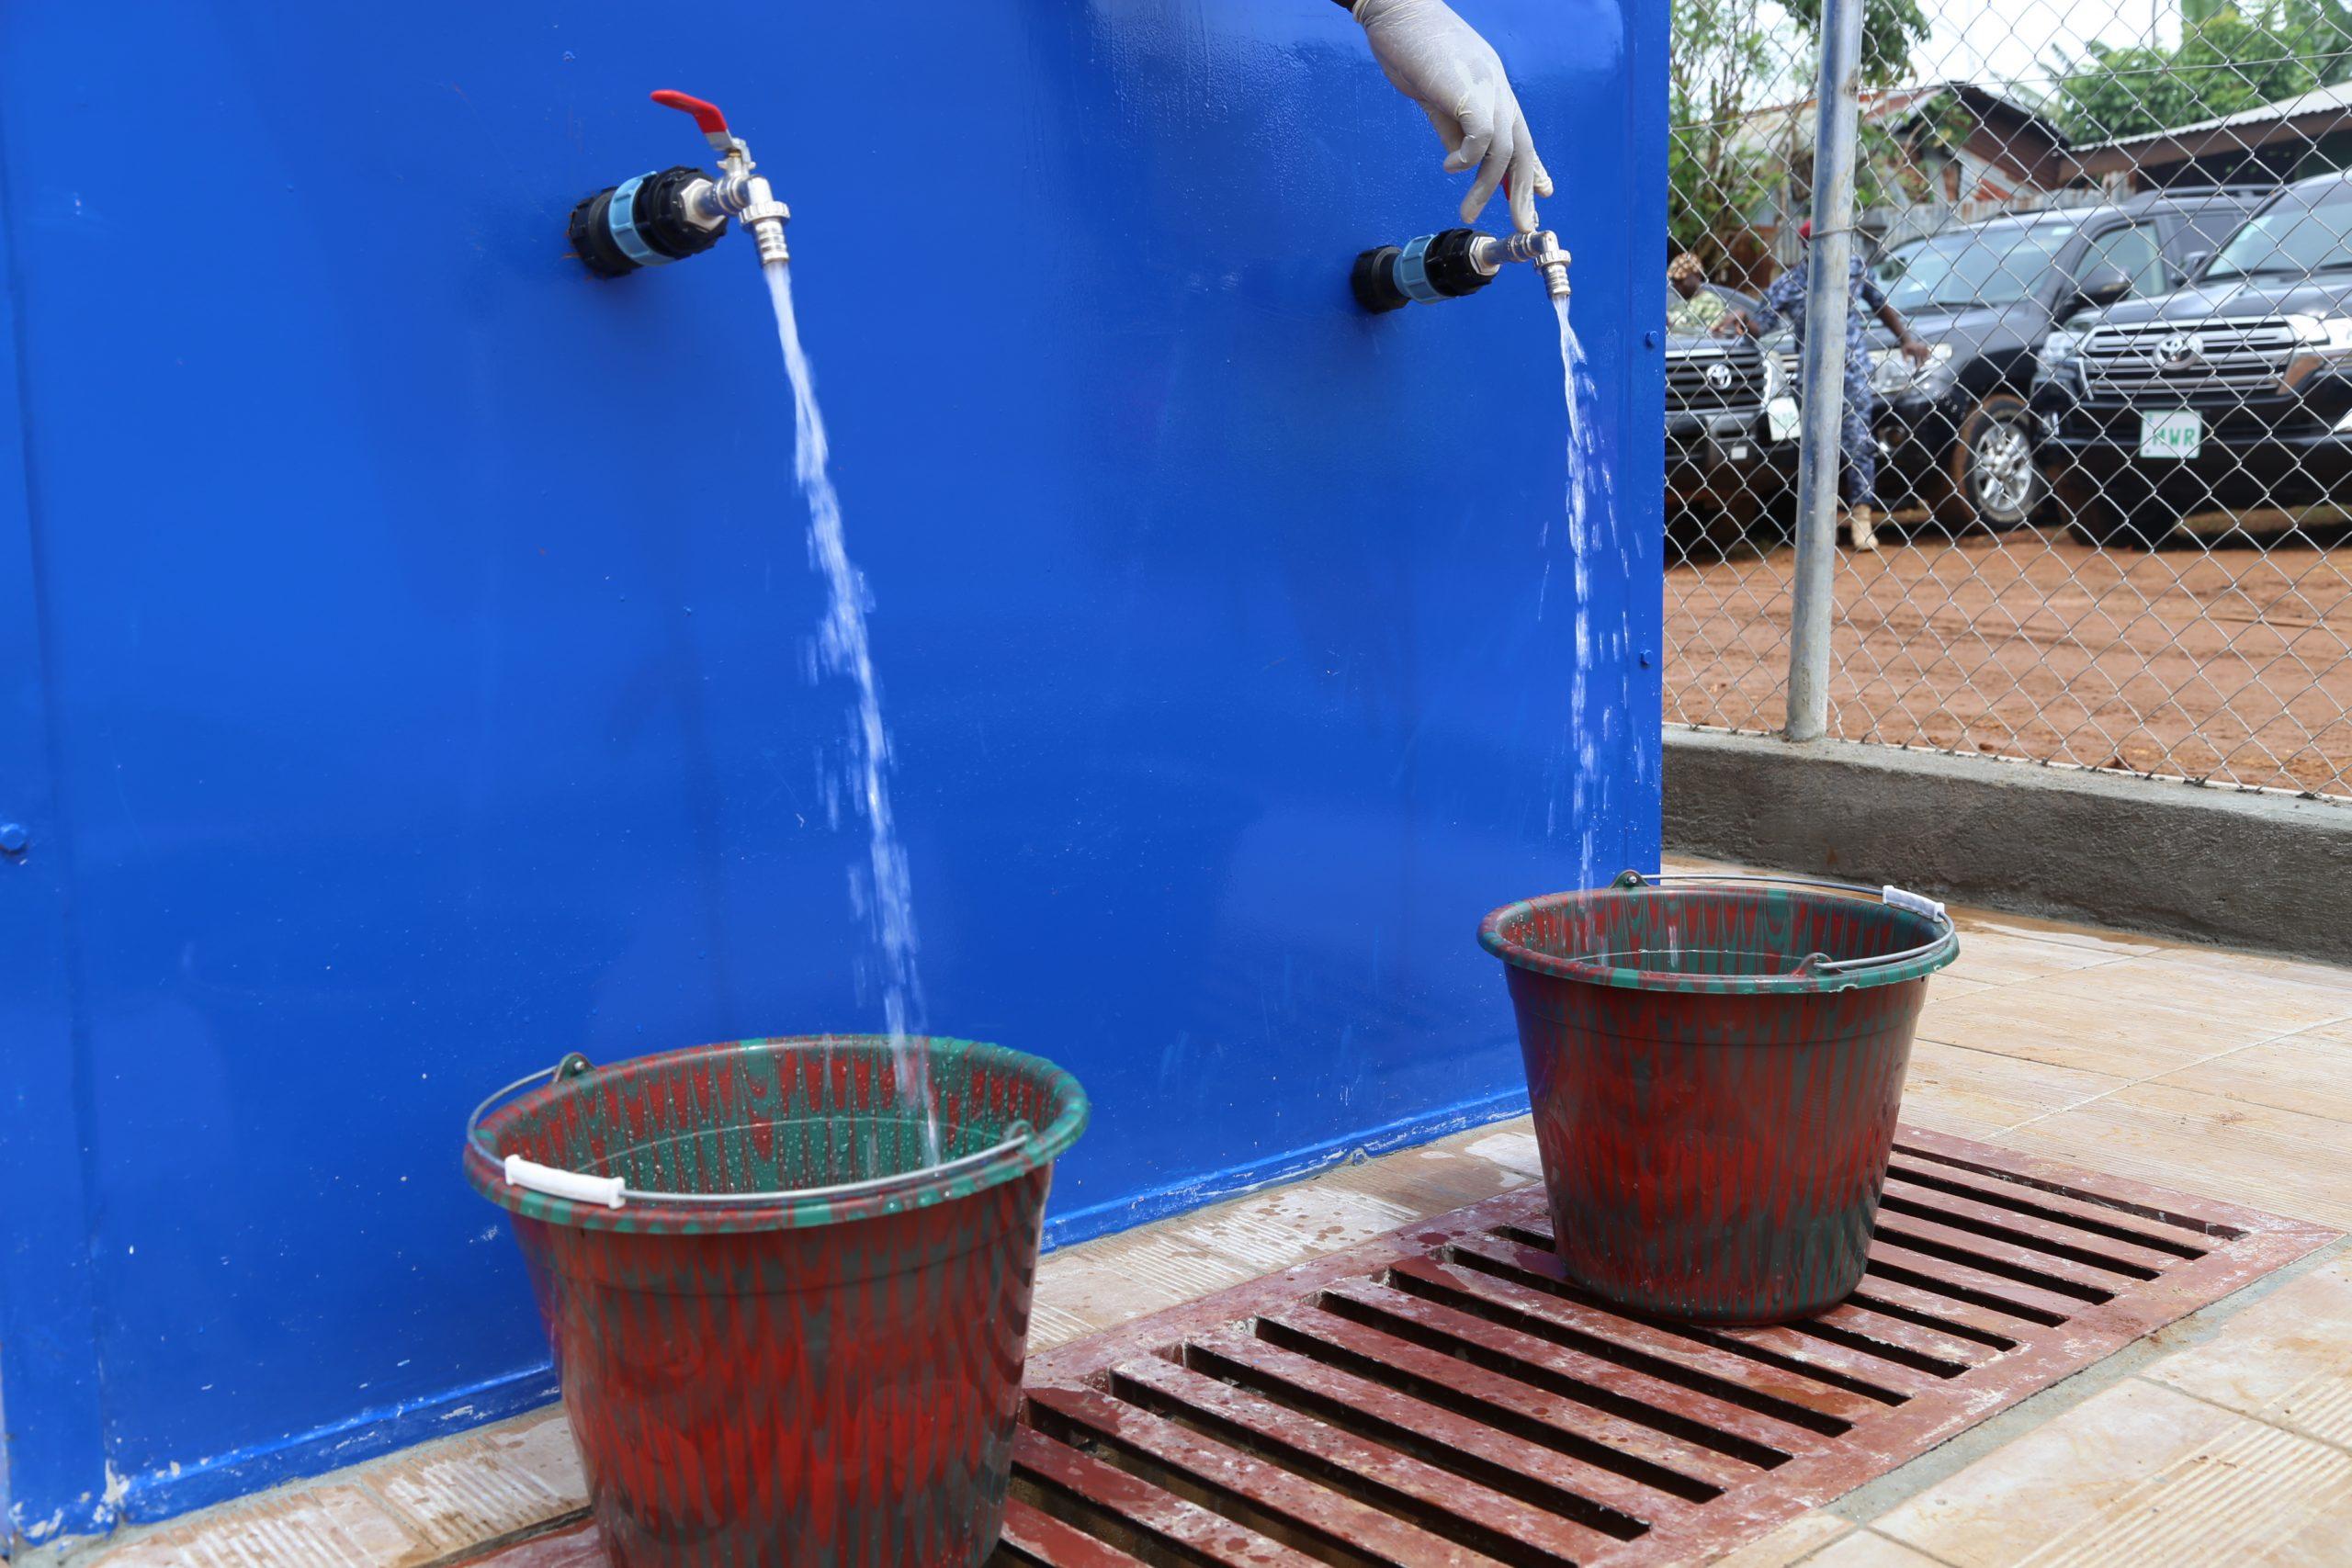 Water kiosks in Freetown, Sierra Leone